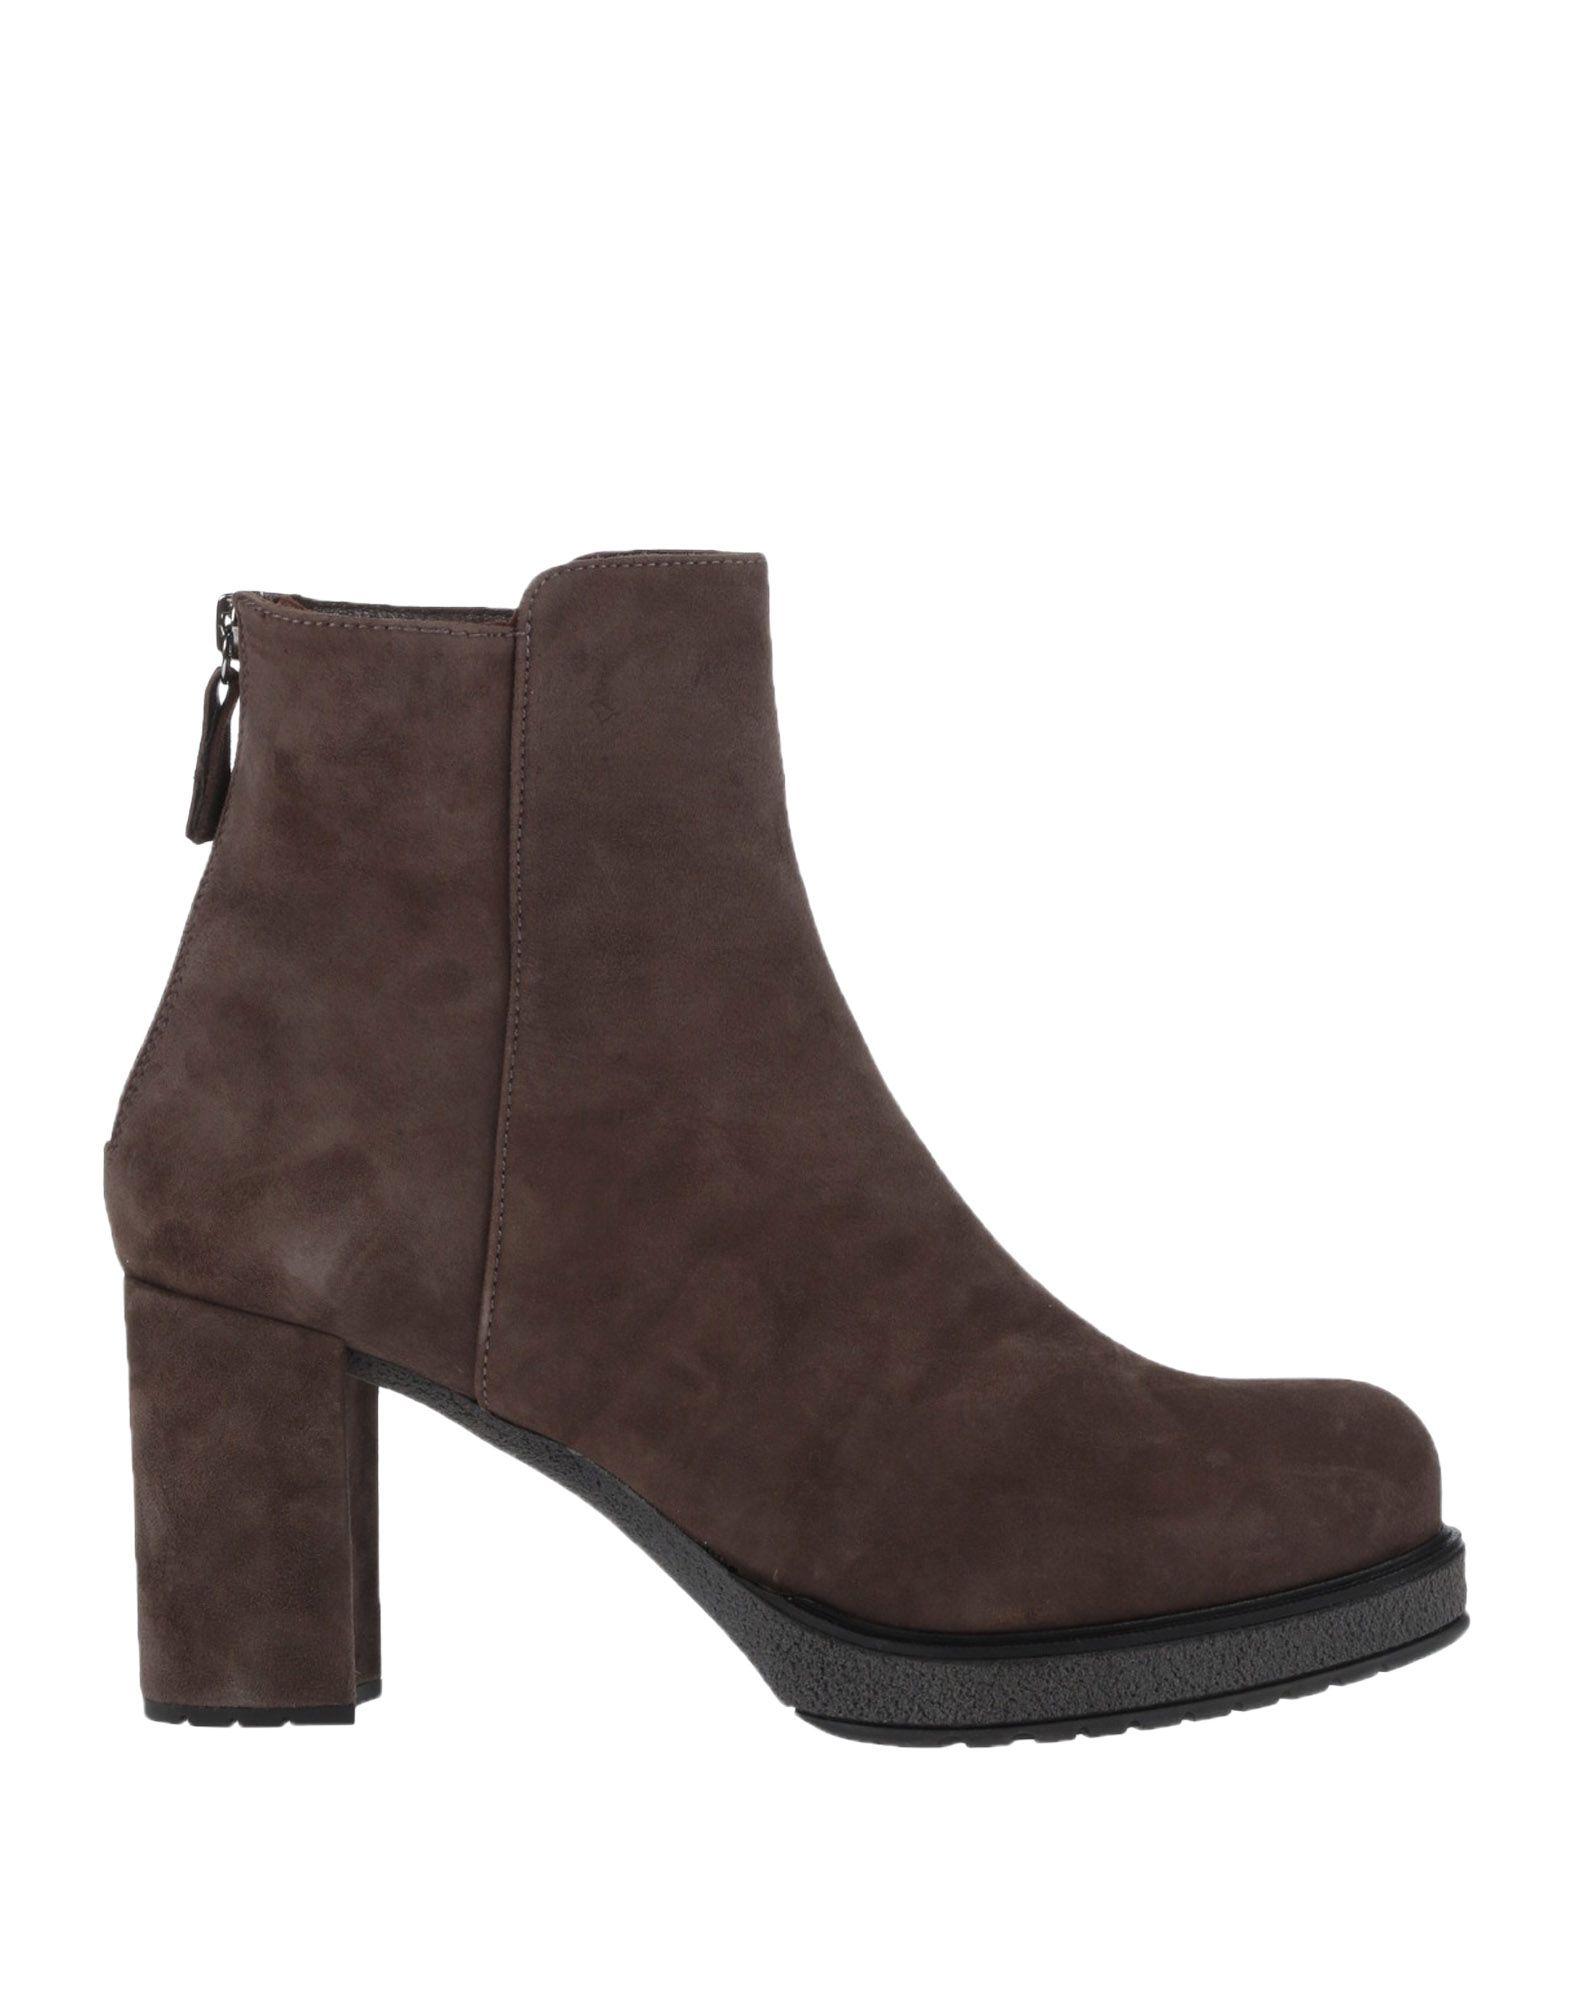 Unisa Stiefelette Damen  11536202RV Gute Qualität beliebte Schuhe